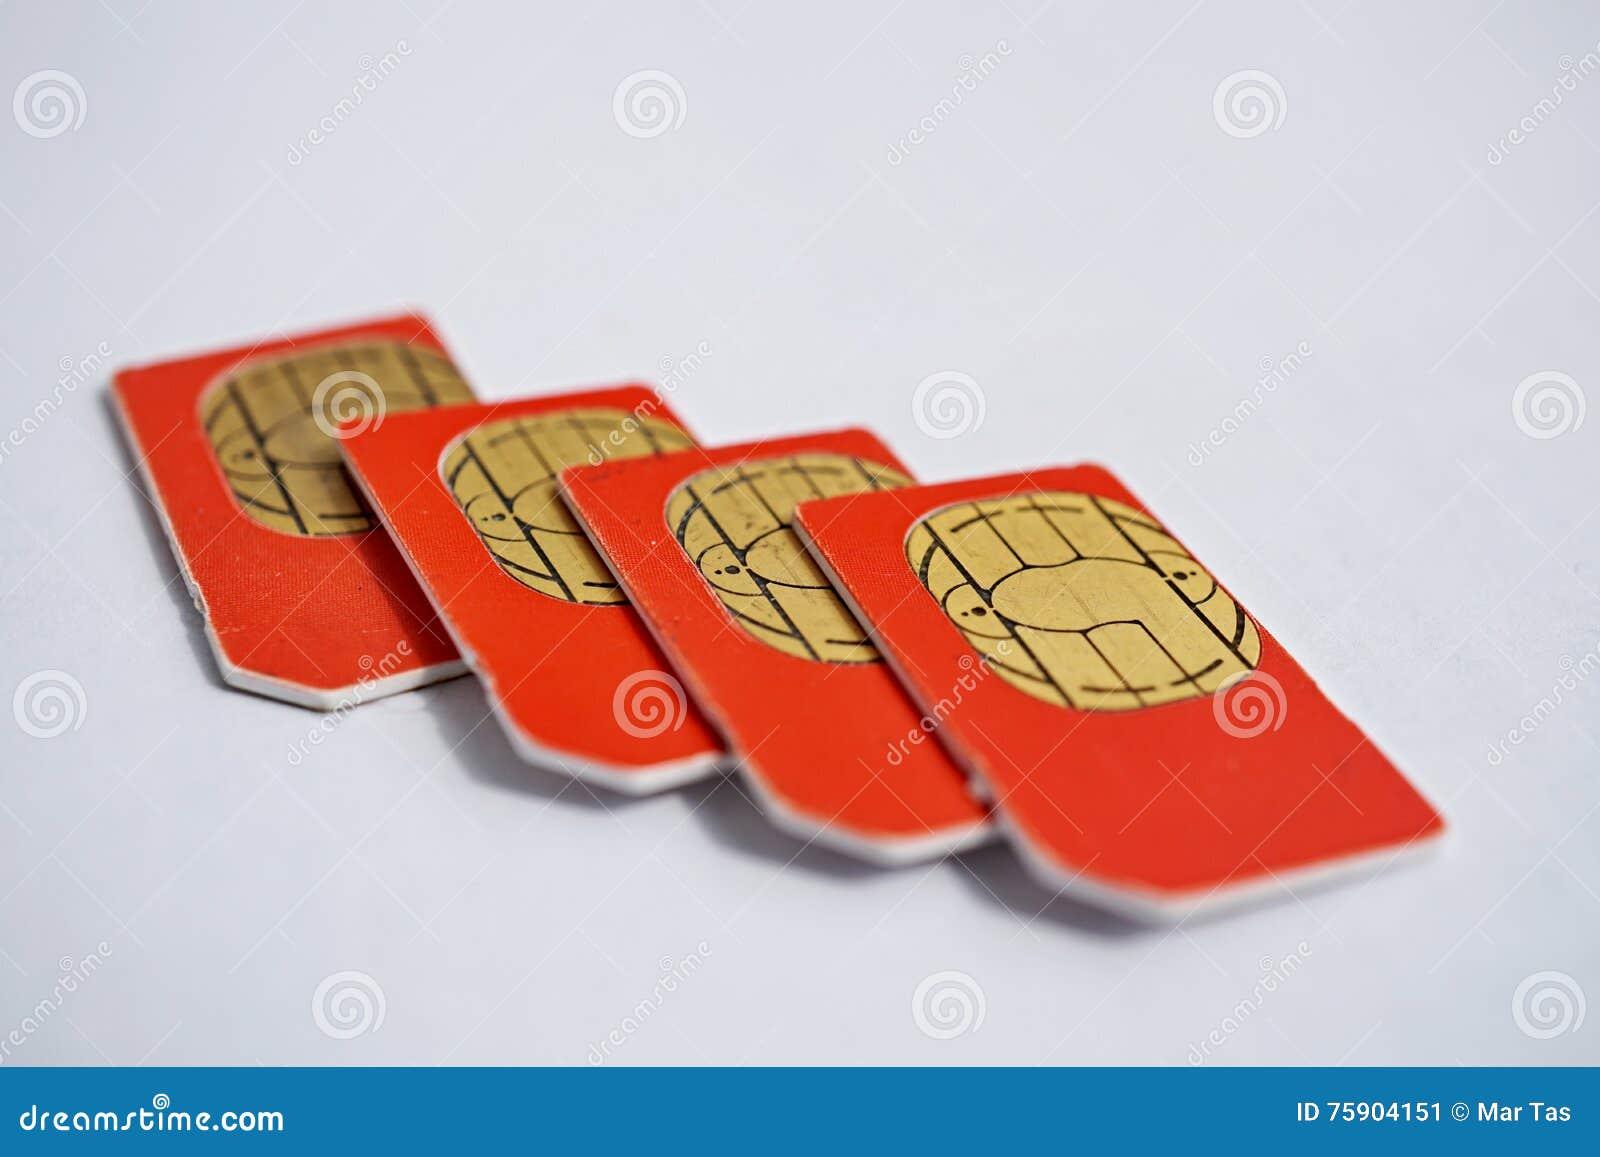 Isolerad grupp av fyra röda SIM-kort som används i mobiltelefonerna (mobiltelefon) med fokusen på guld- mikrochip